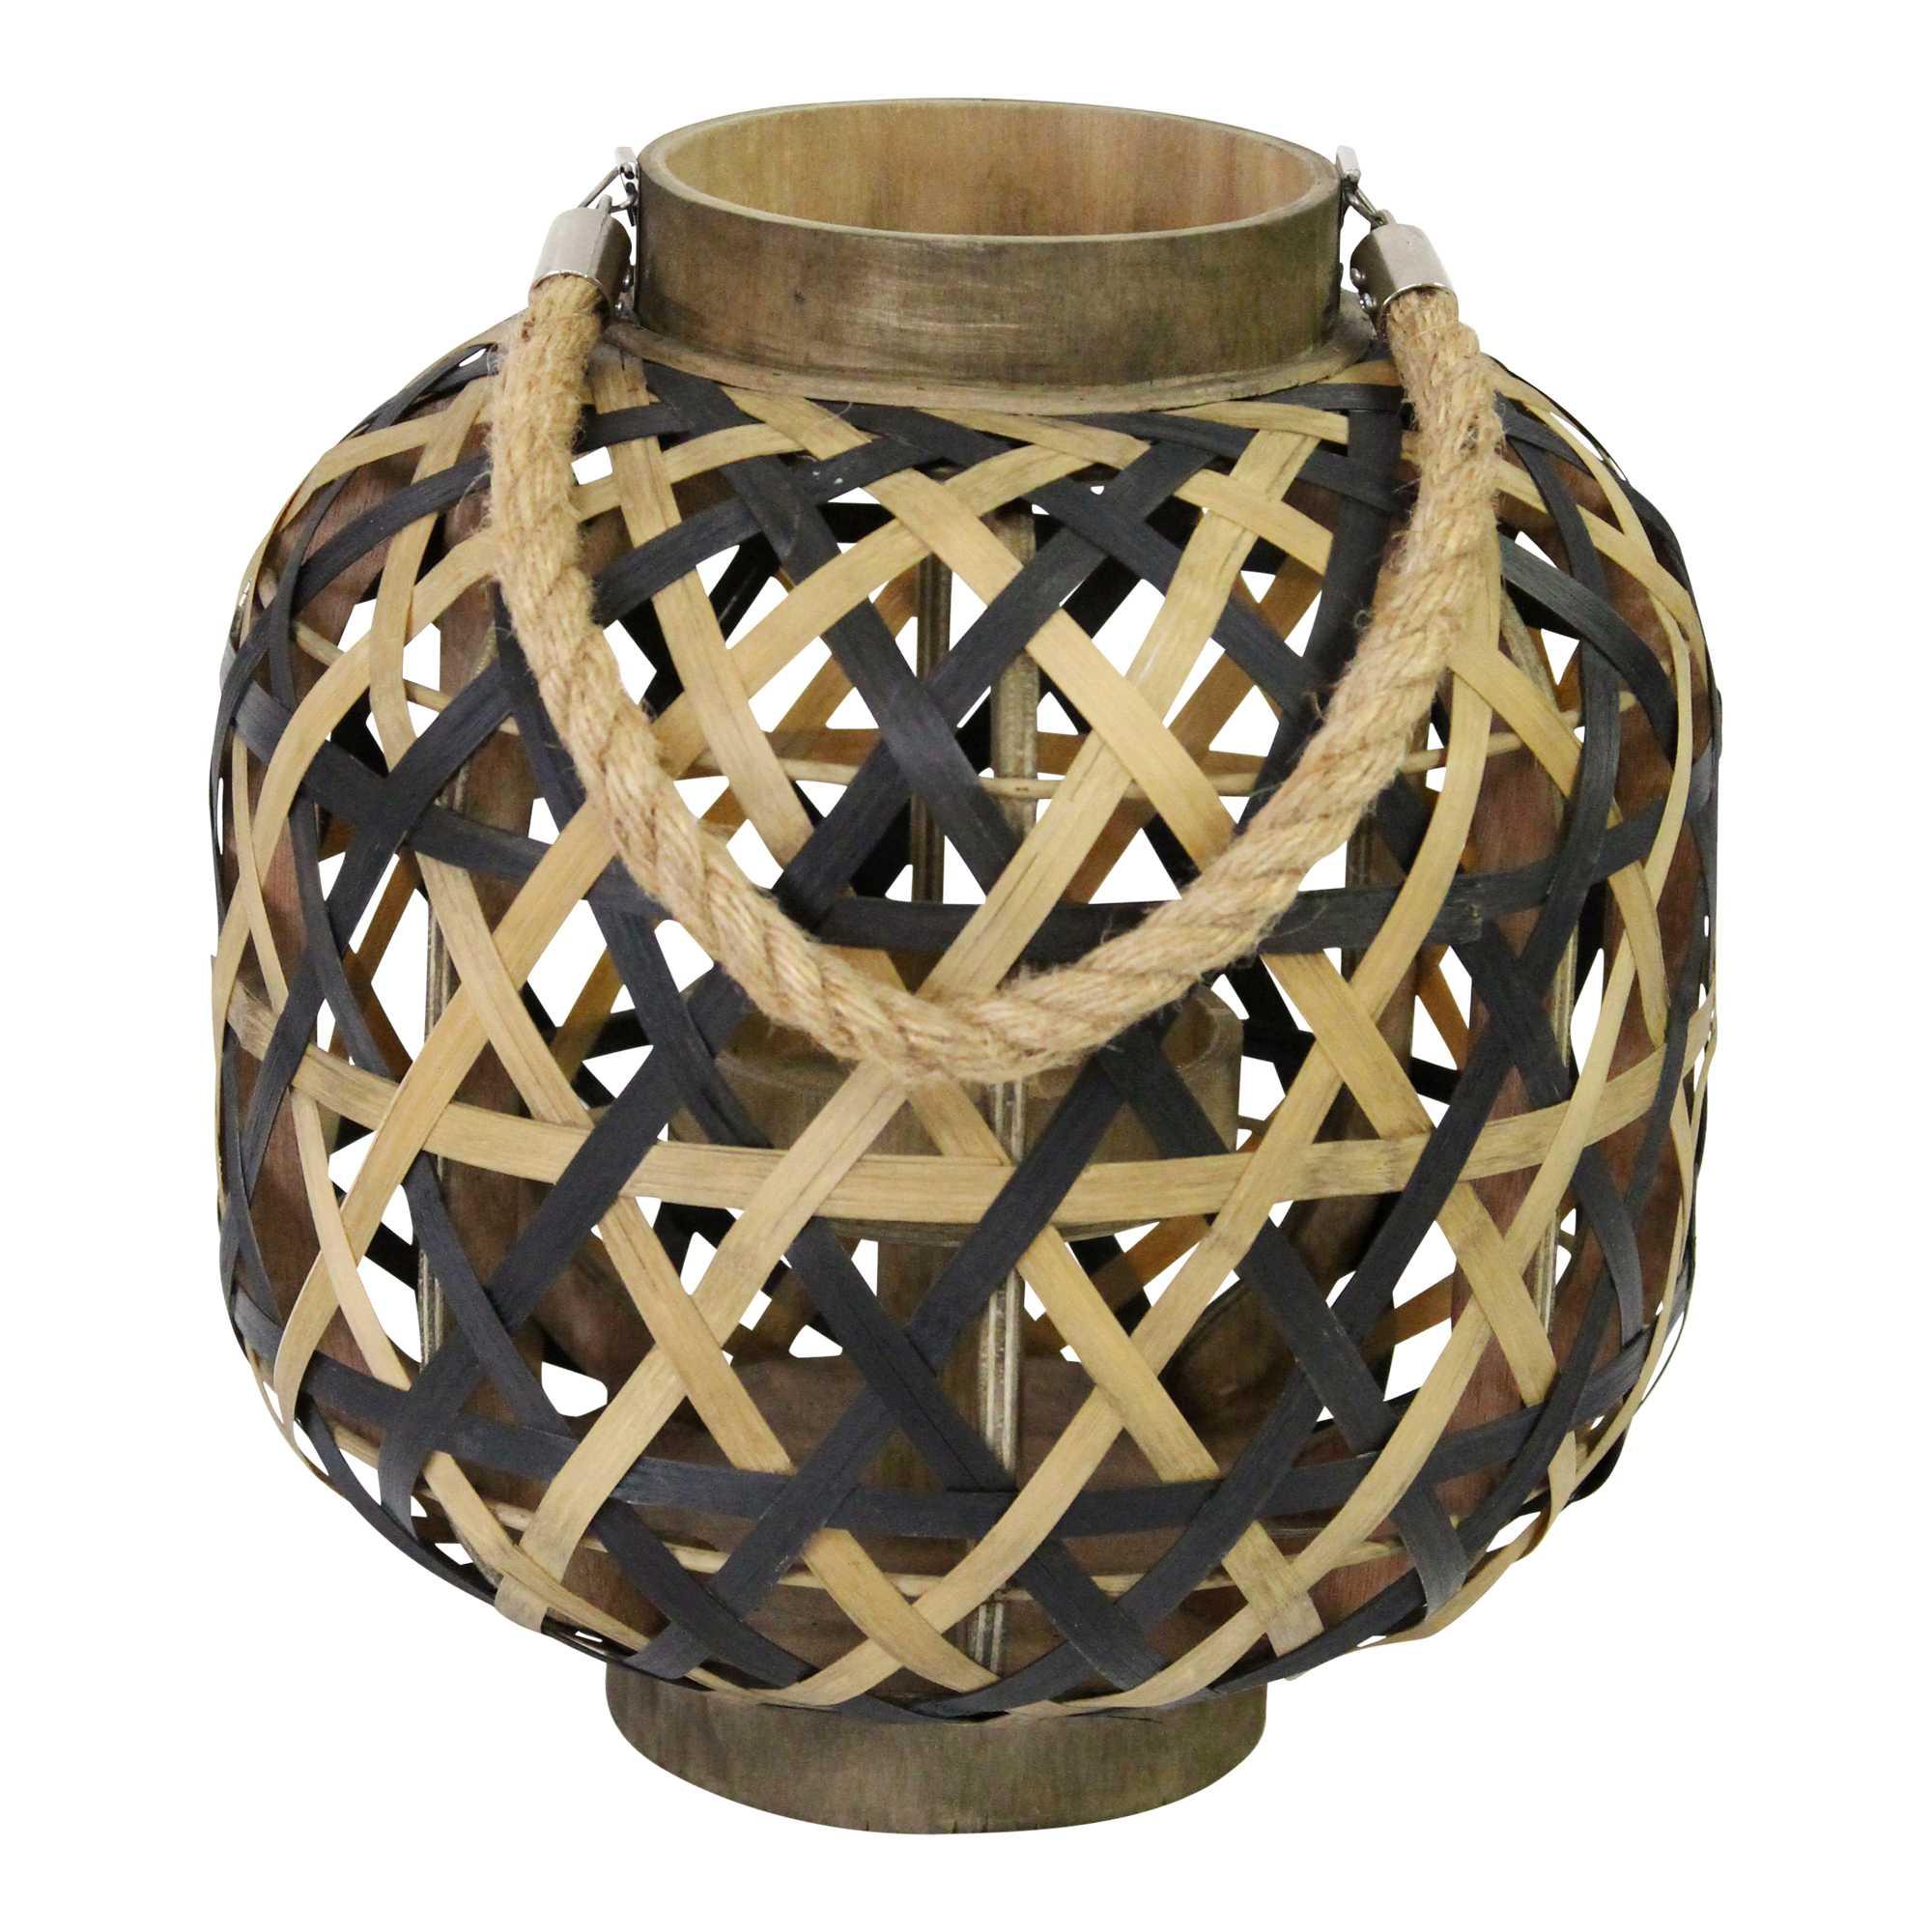 Boho Two-Tone Woven Lantern